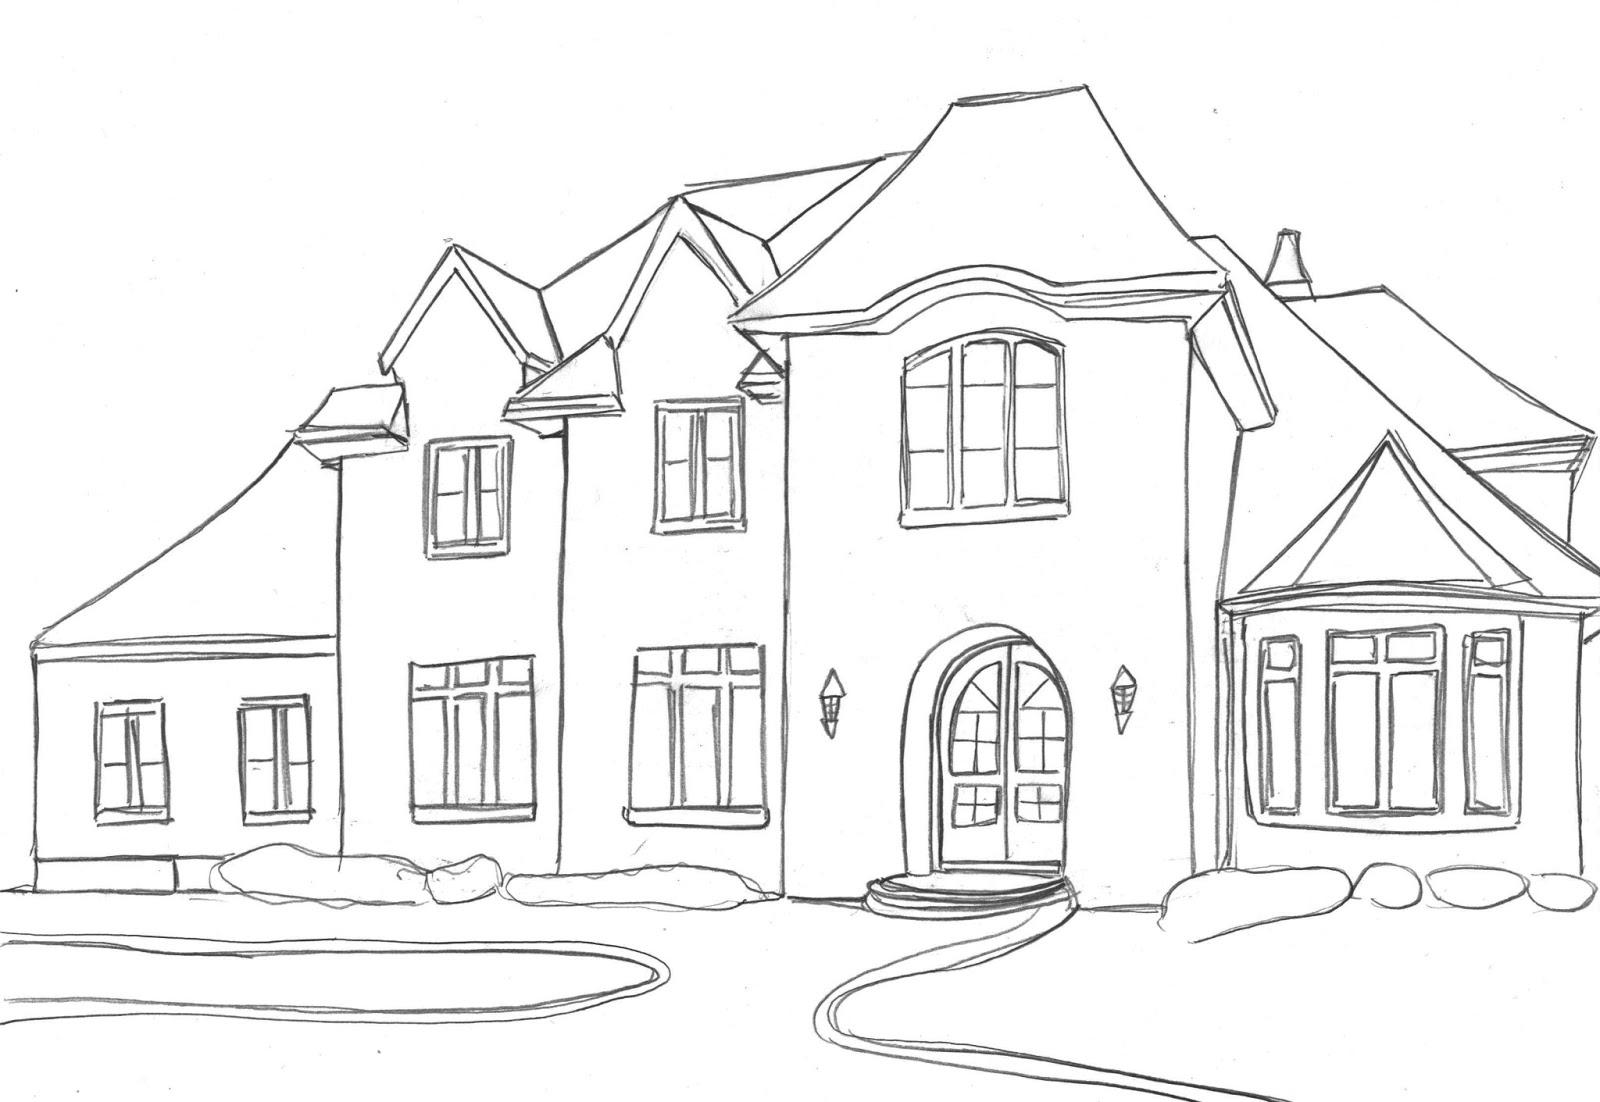 Tranh tô màu cho ngôi nhà